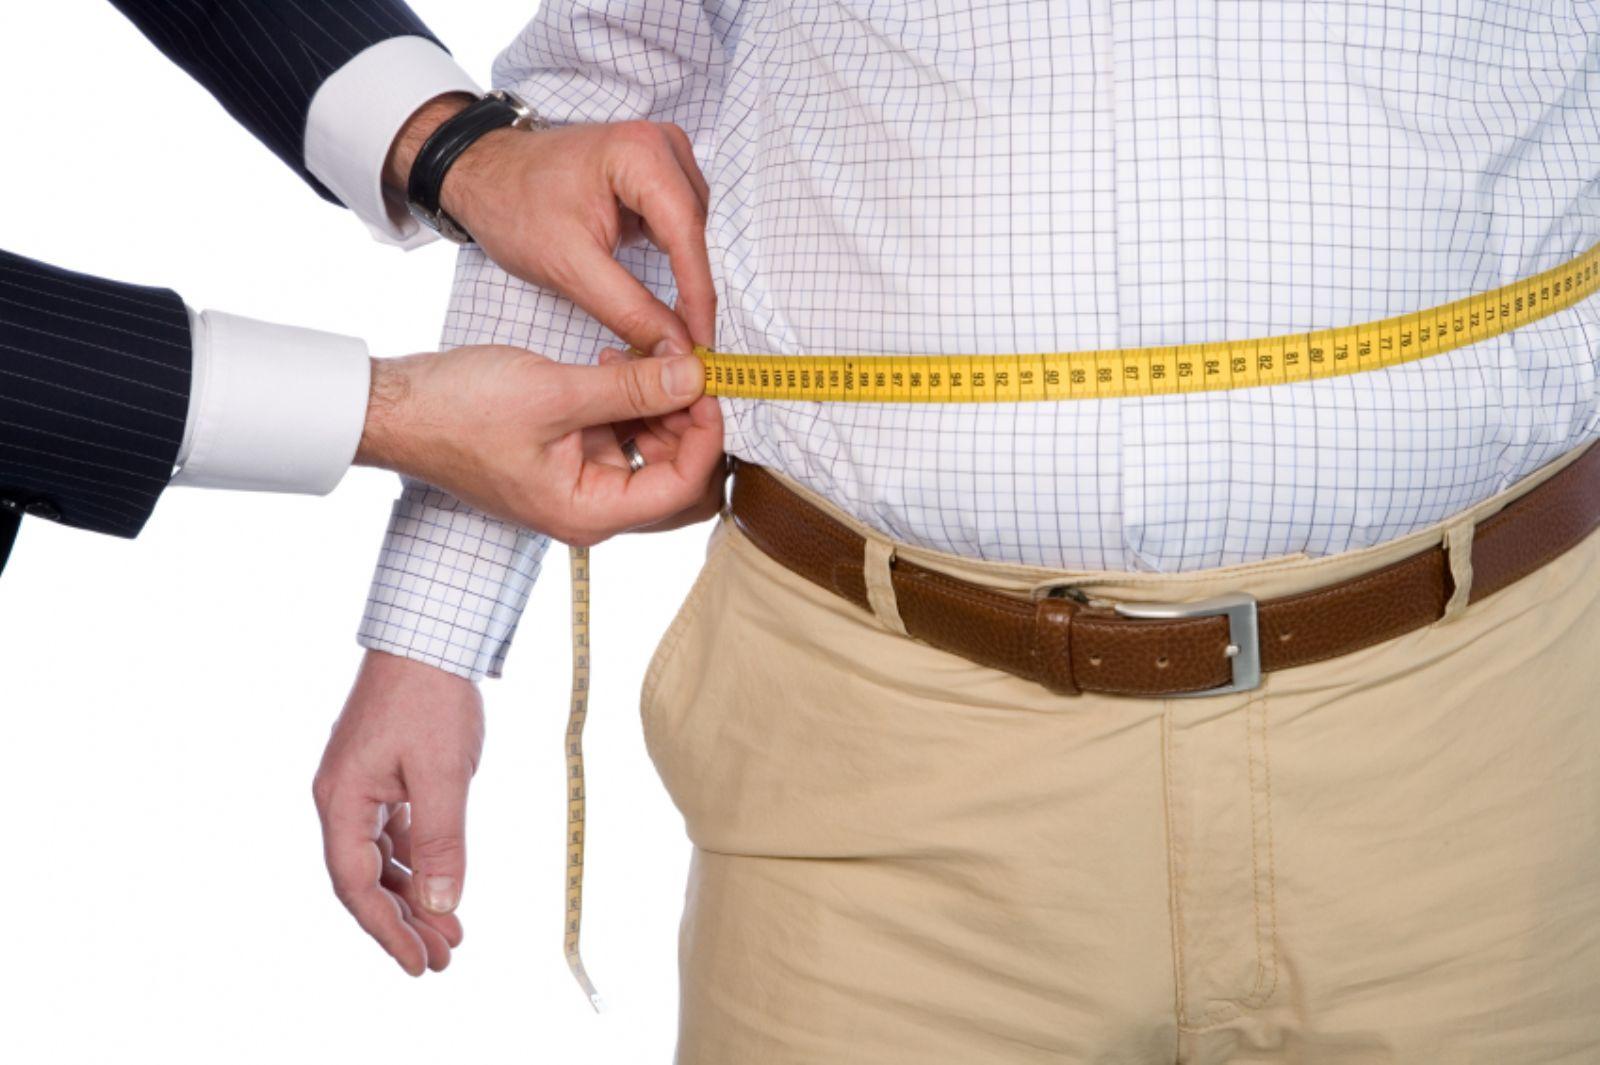 ۸ روش عجیب و غیر عادی که میتواند به کاهش وزن کمک کند